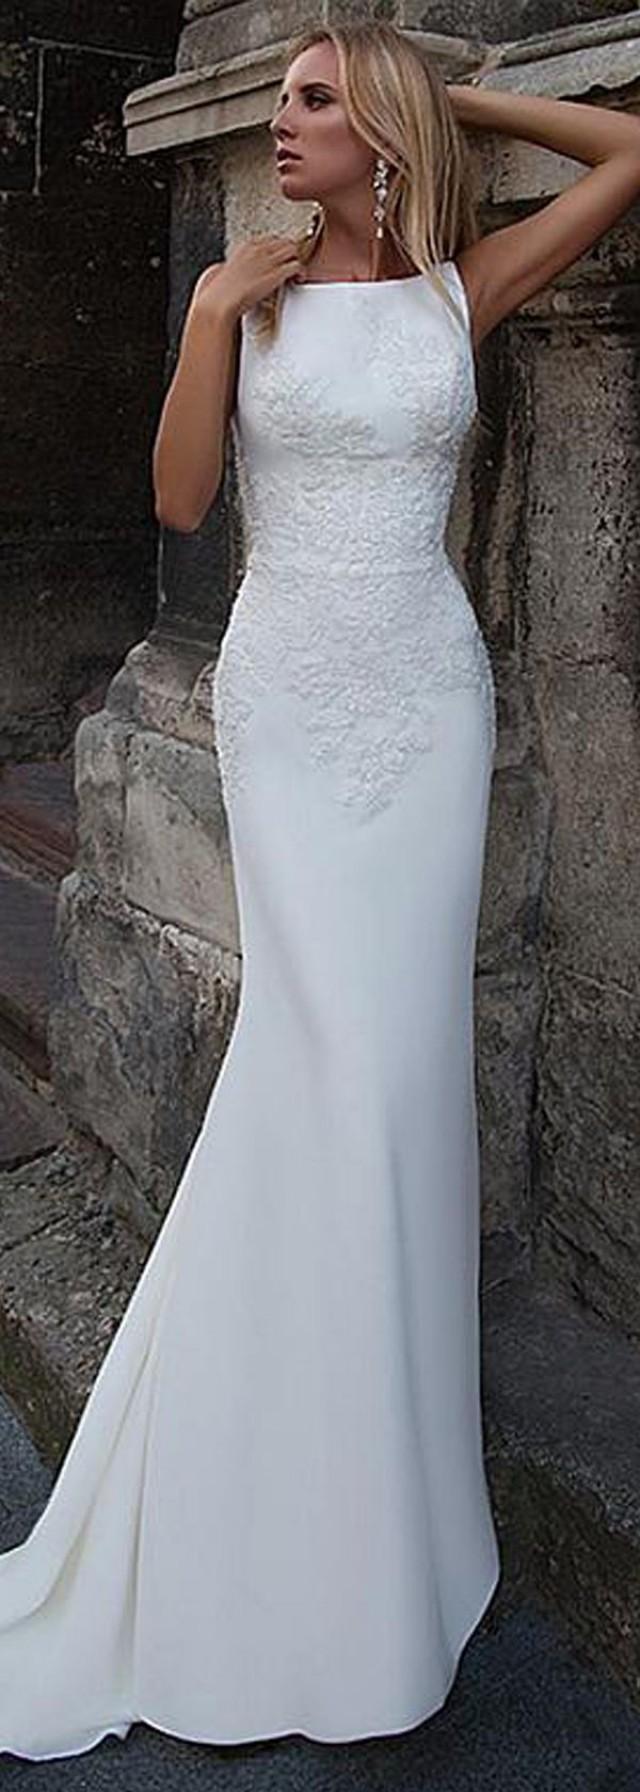 Dress - Dream Dress #2757062 - Weddbook